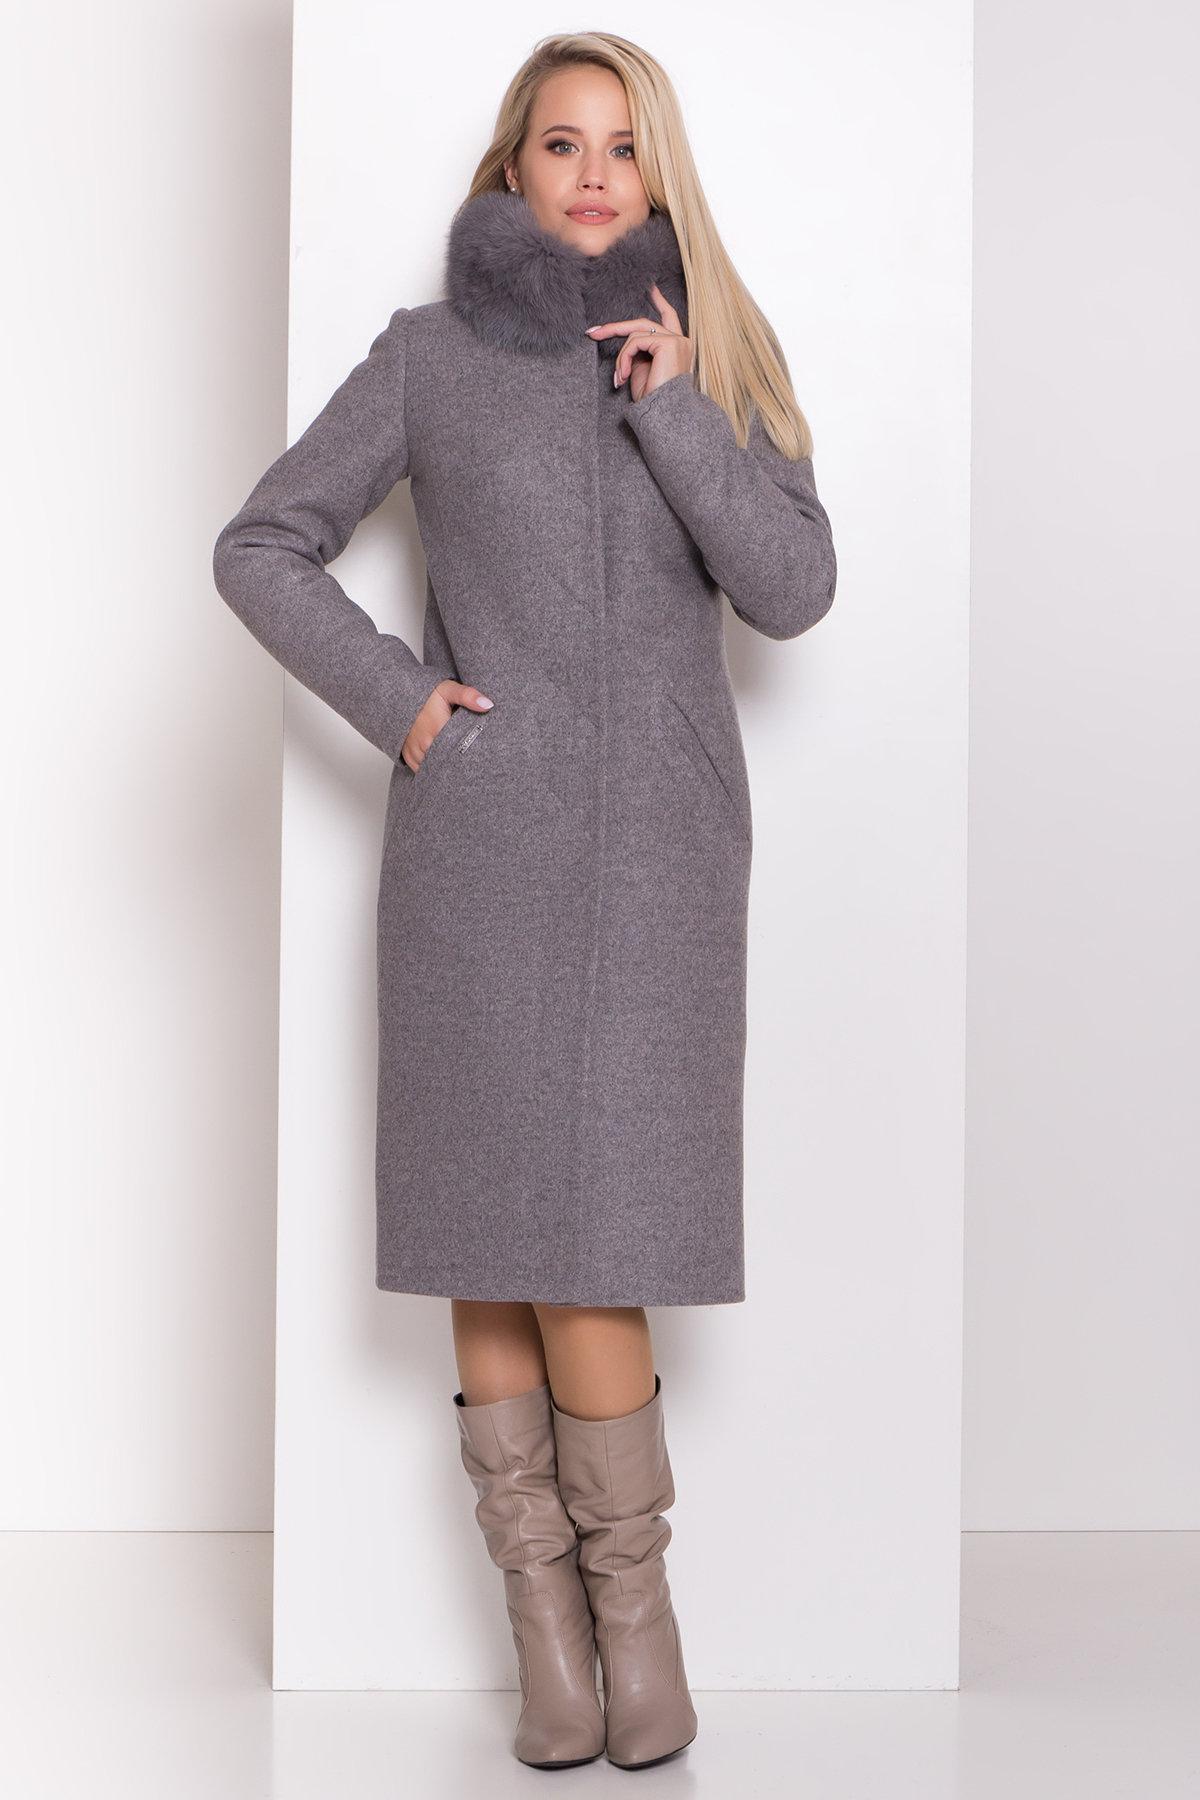 Утепленное пальто зима Люцея 8417 АРТ. 44667 Цвет: Карамель 20/1 - фото 3, интернет магазин tm-modus.ru